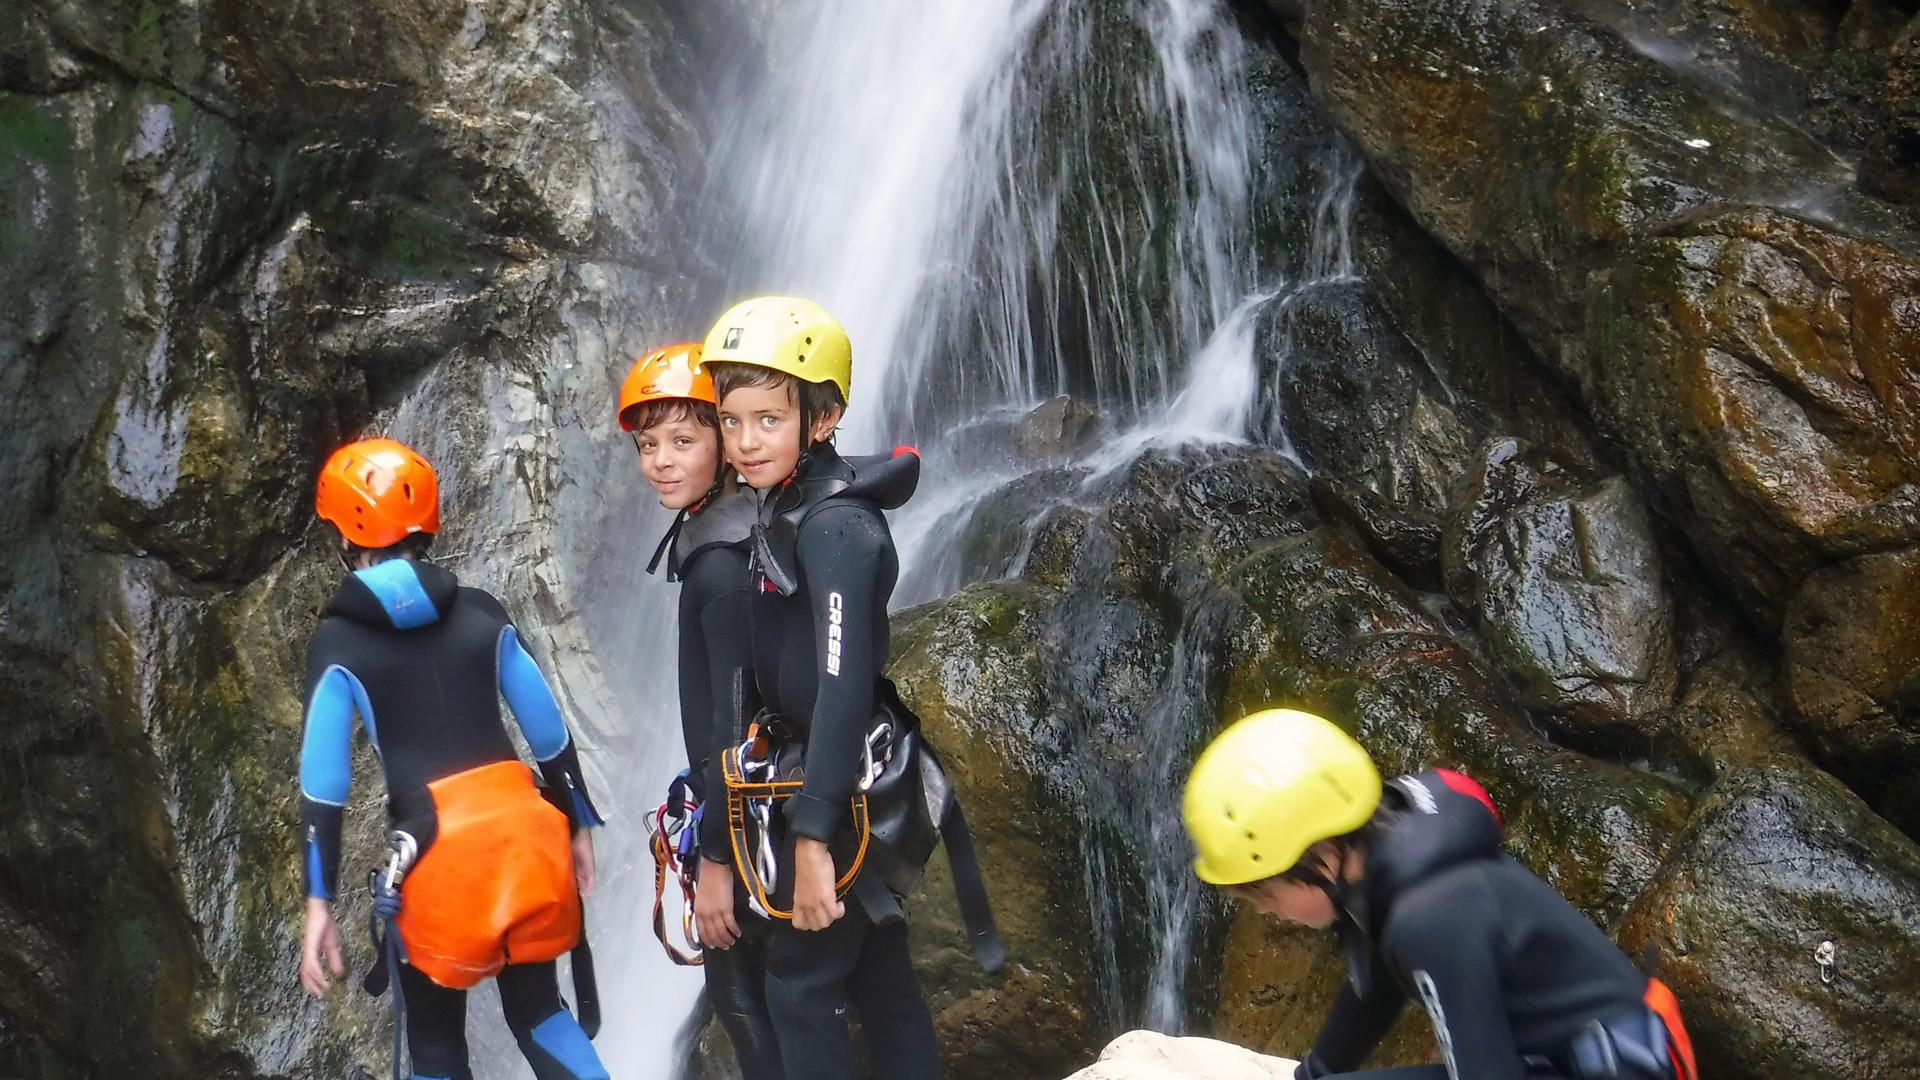 giovani avventurosi alle prese con la loro prima esperienza di canyoning